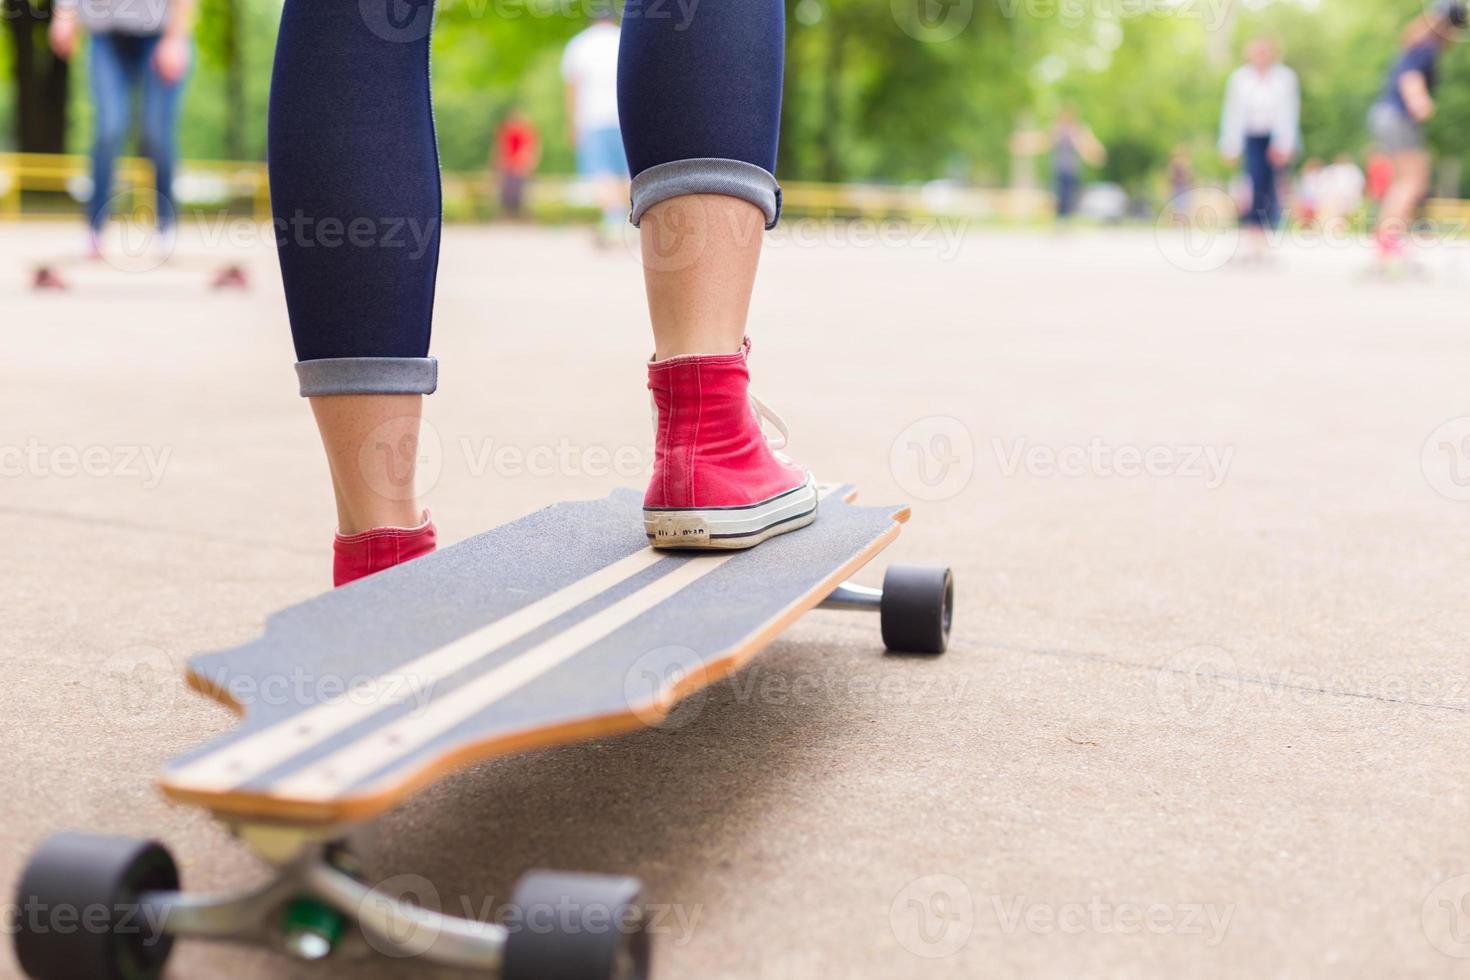 adolescente praticando equitação prancha longa. foto